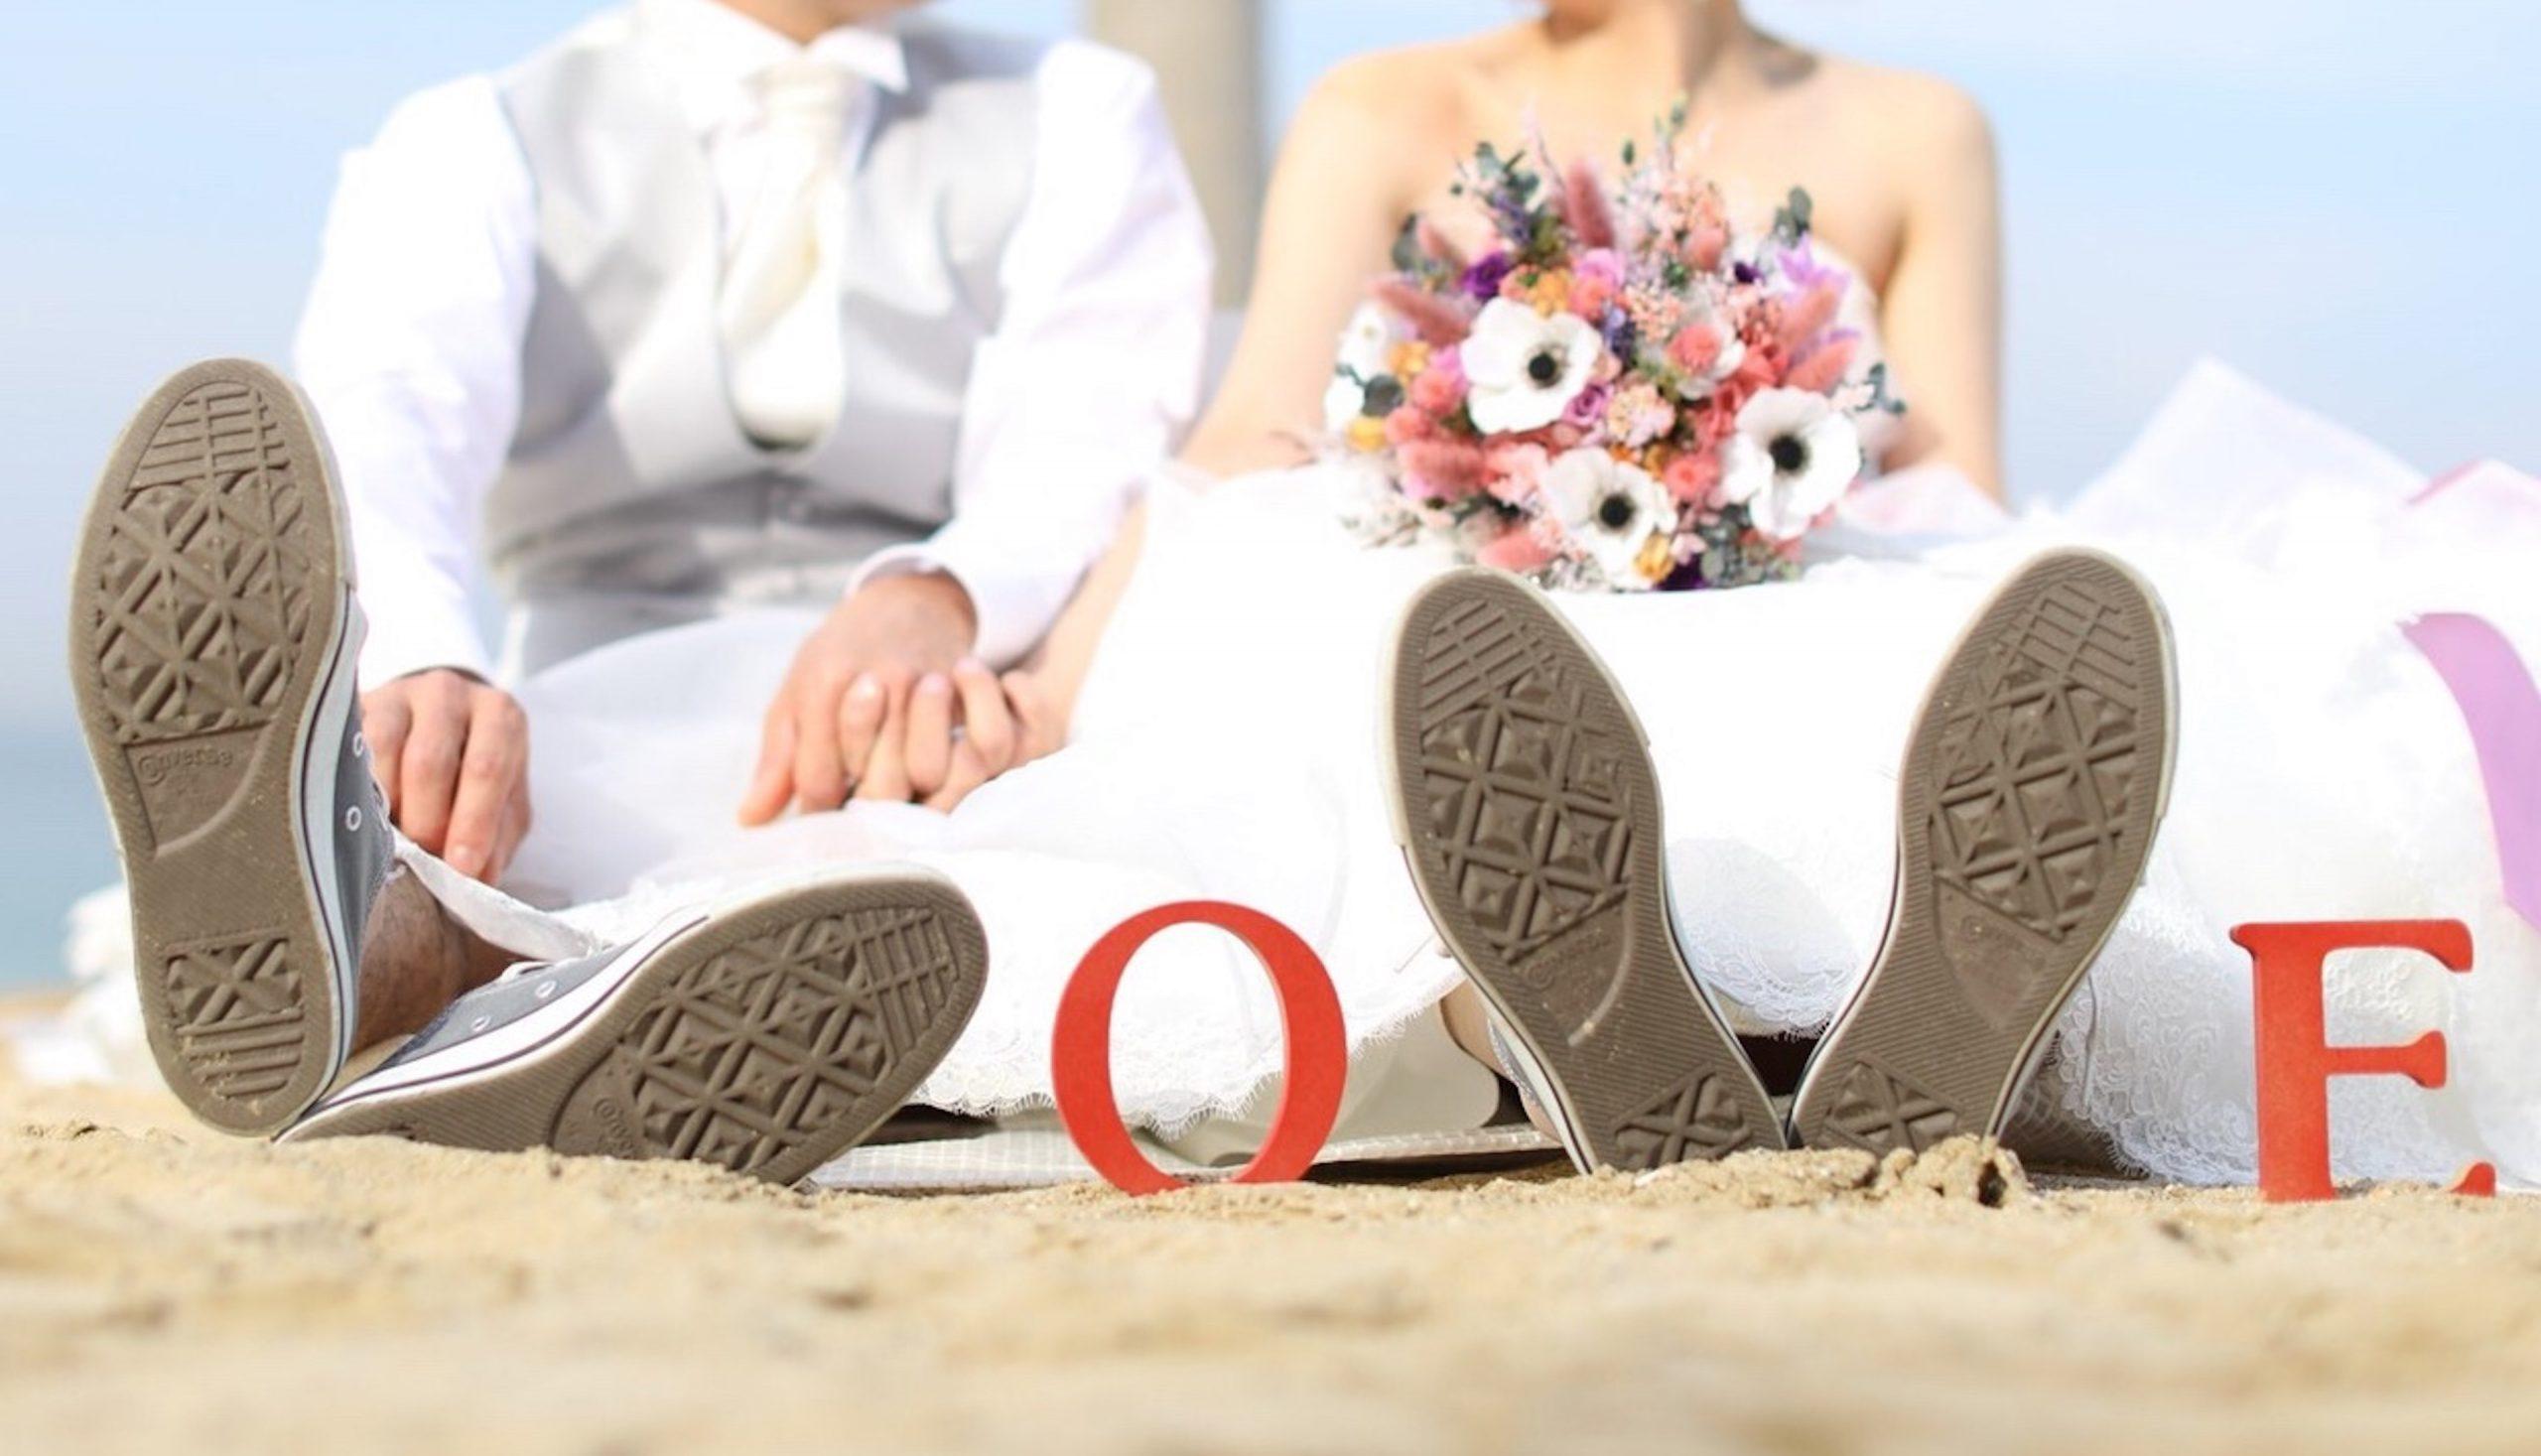 結婚がゴールと考えるのは勘違い?楽しい人生をデザインするために知って欲しいコト